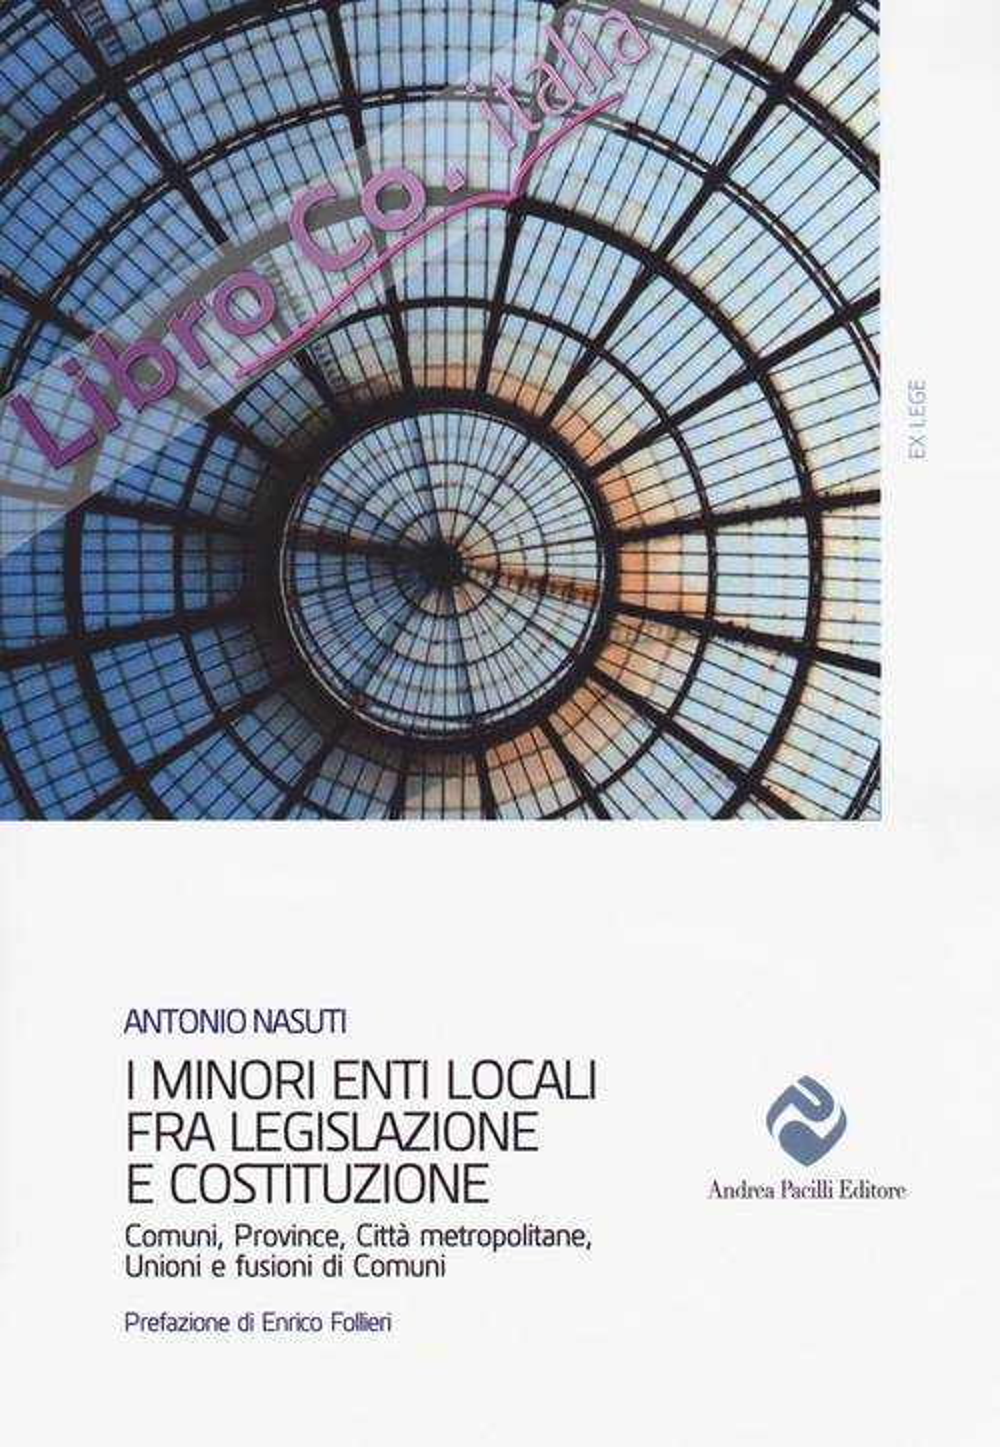 I minori enti locali fra legislazione e Costituzione. Comuni, Province, Città metropolitane, Unioni e fusioni di Comuni